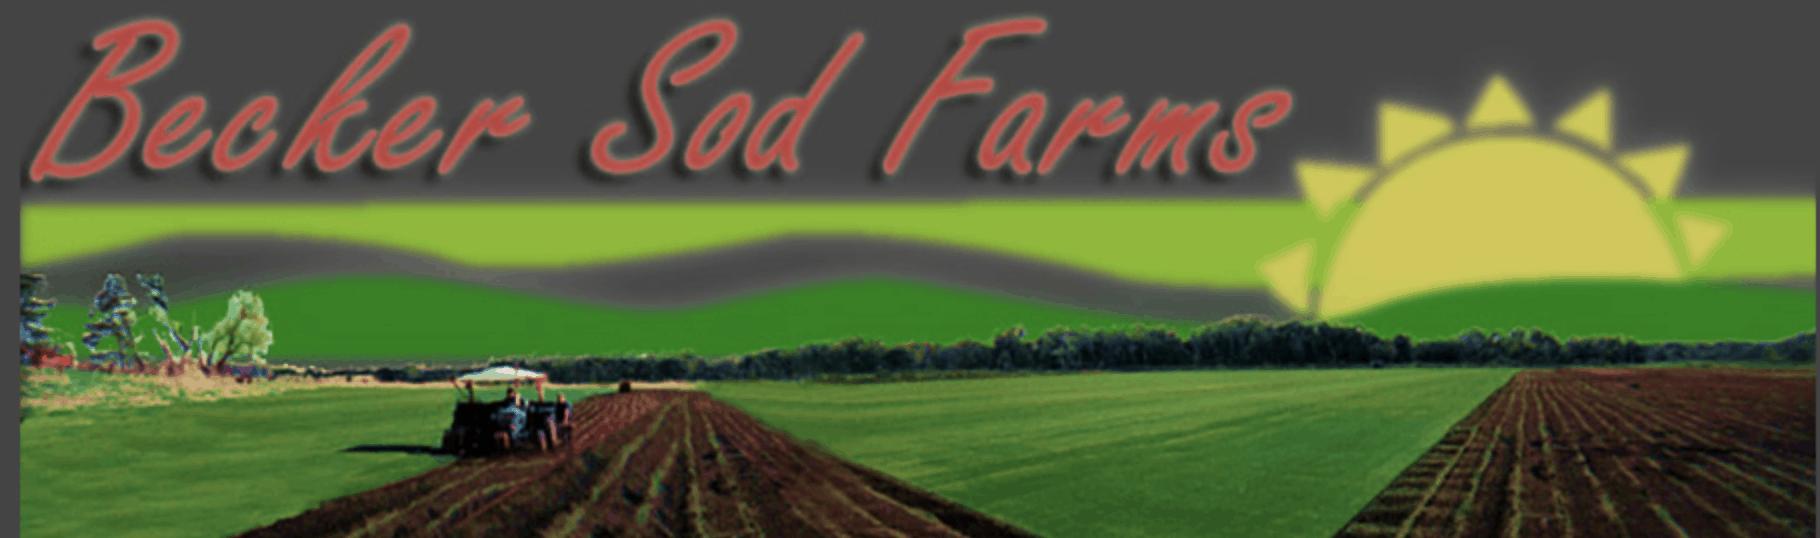 Becker Sod Farms